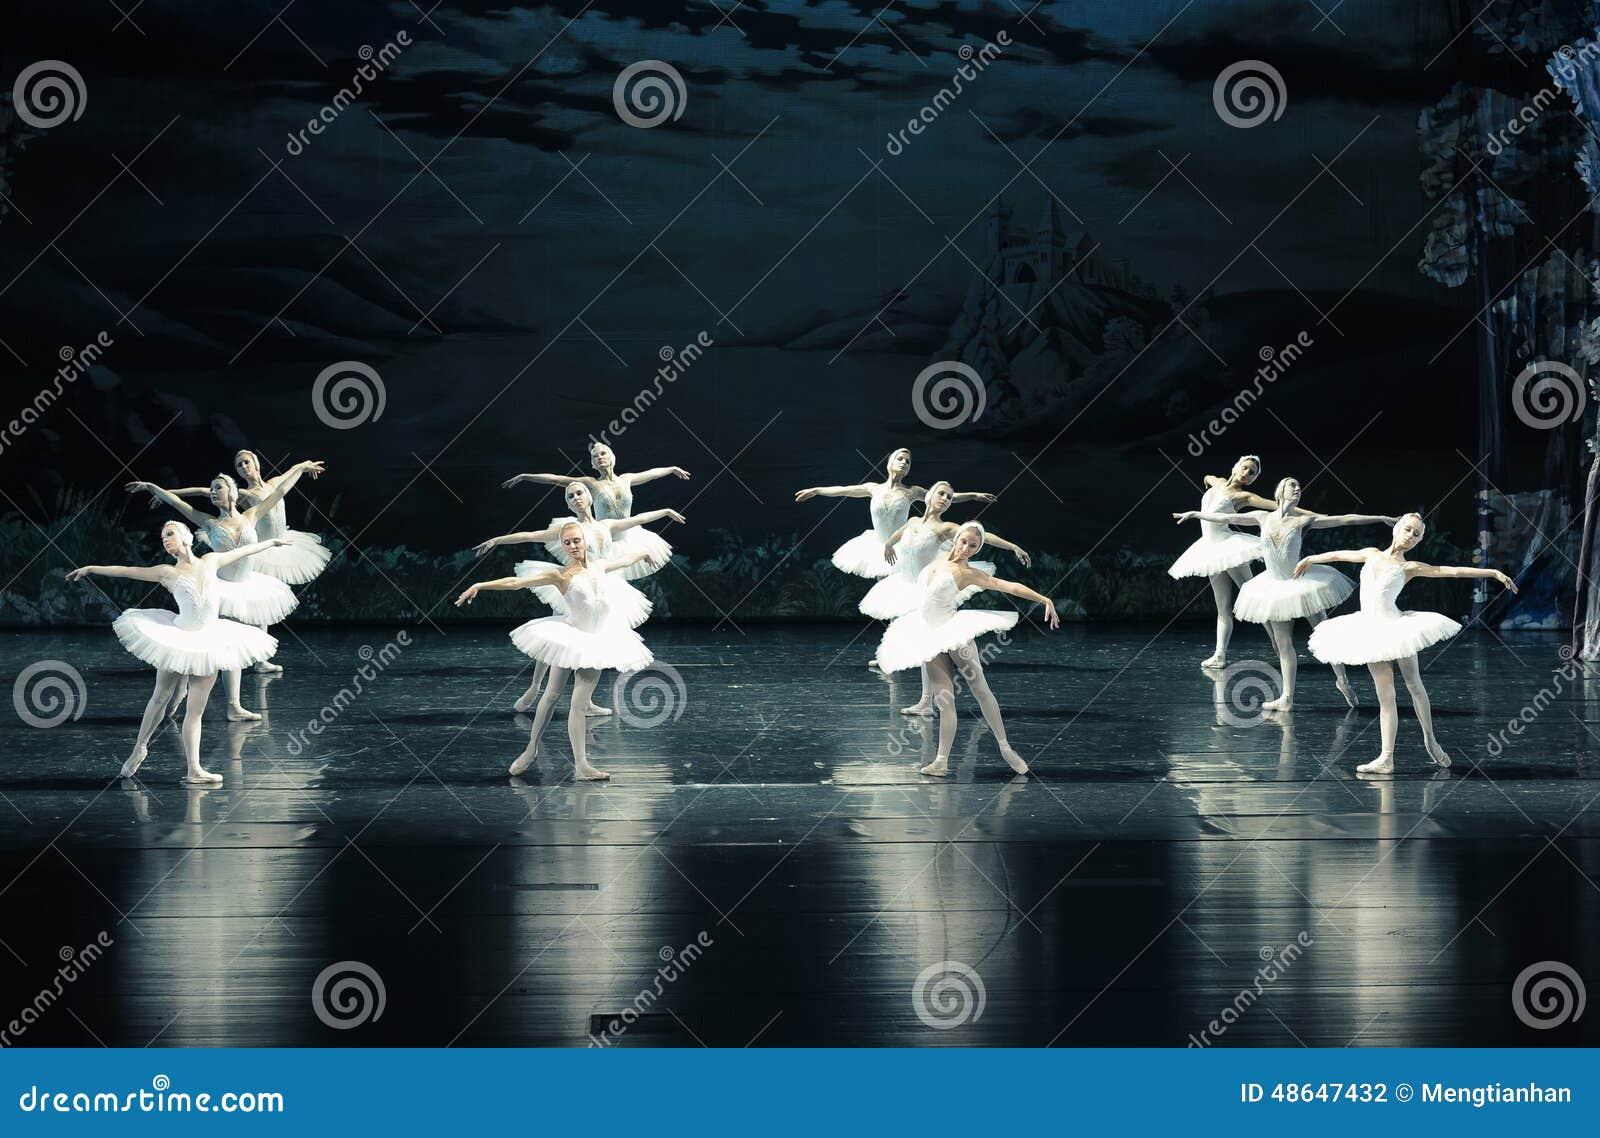 The swan Tribe-ballet Swan Lake